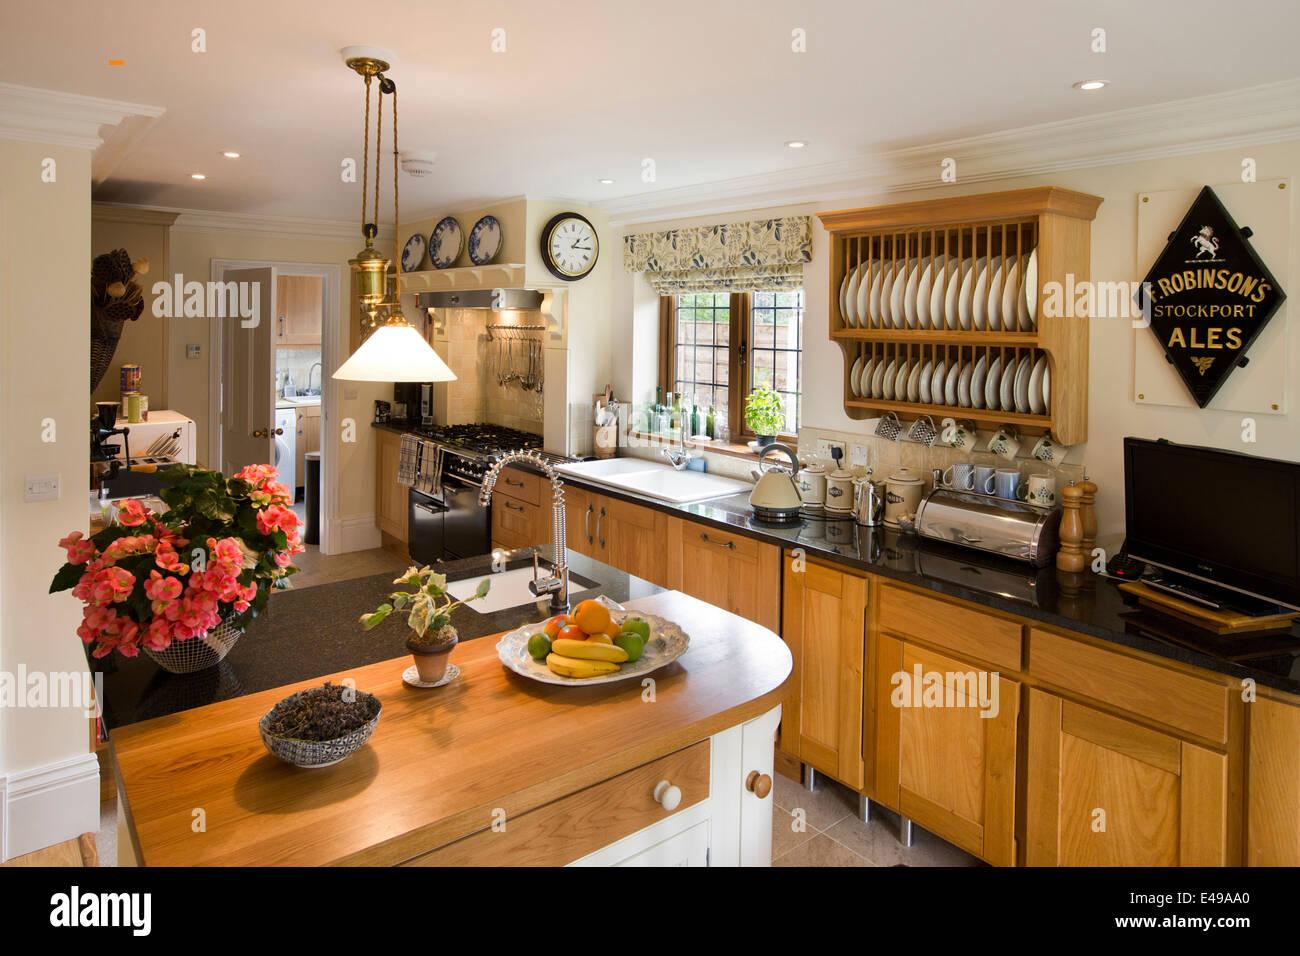 Haus, Innenräume Küche selbst gebauten Hauses auf Kunsthandwerk ...